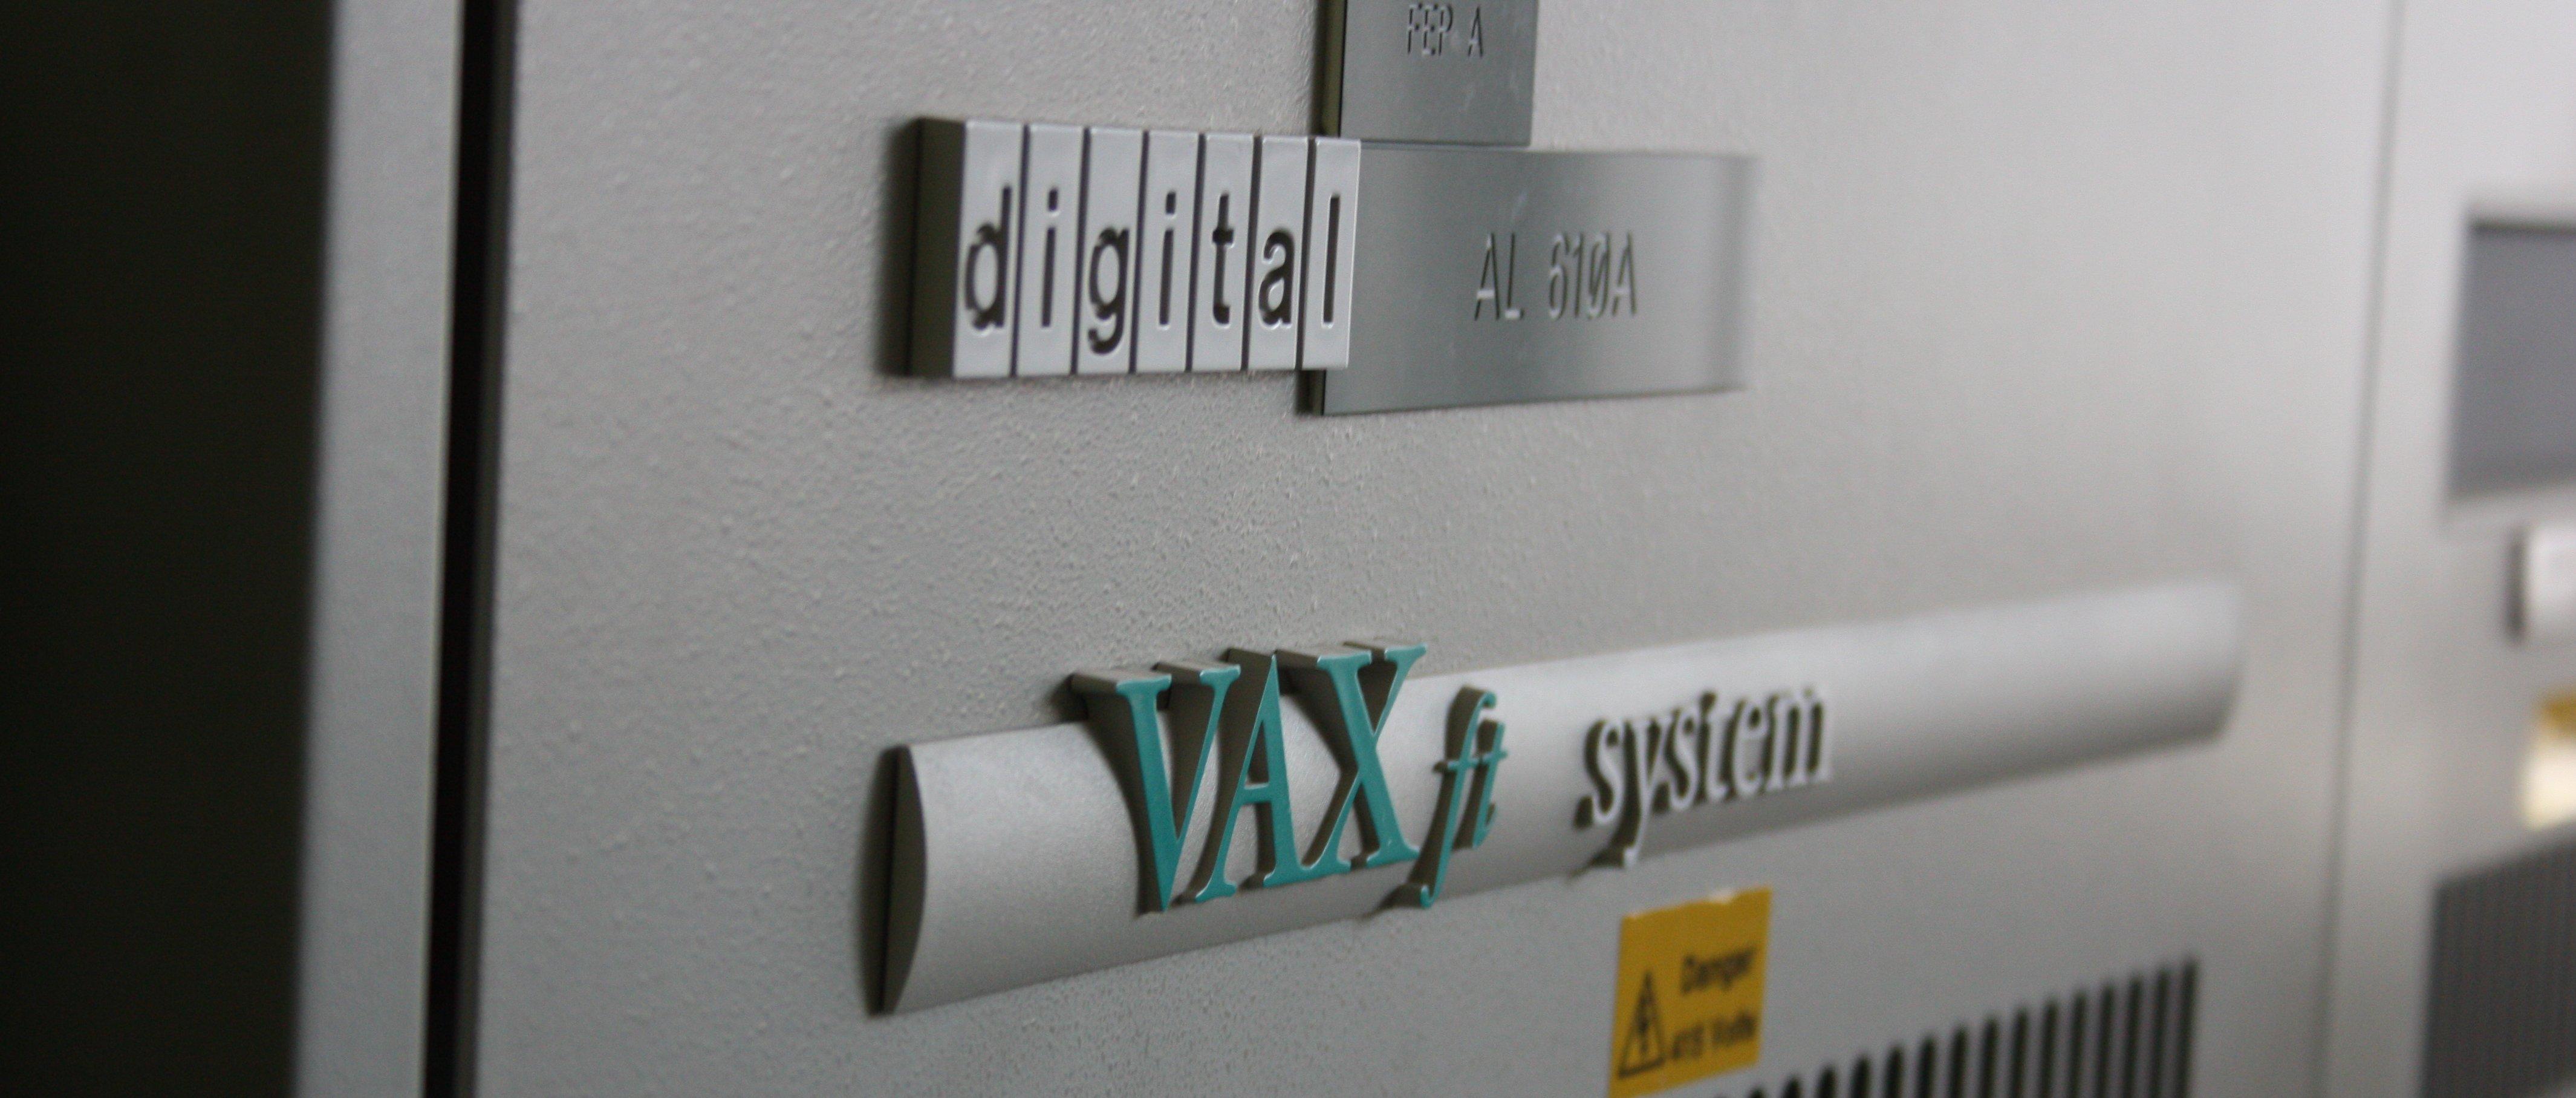 DEC VAX